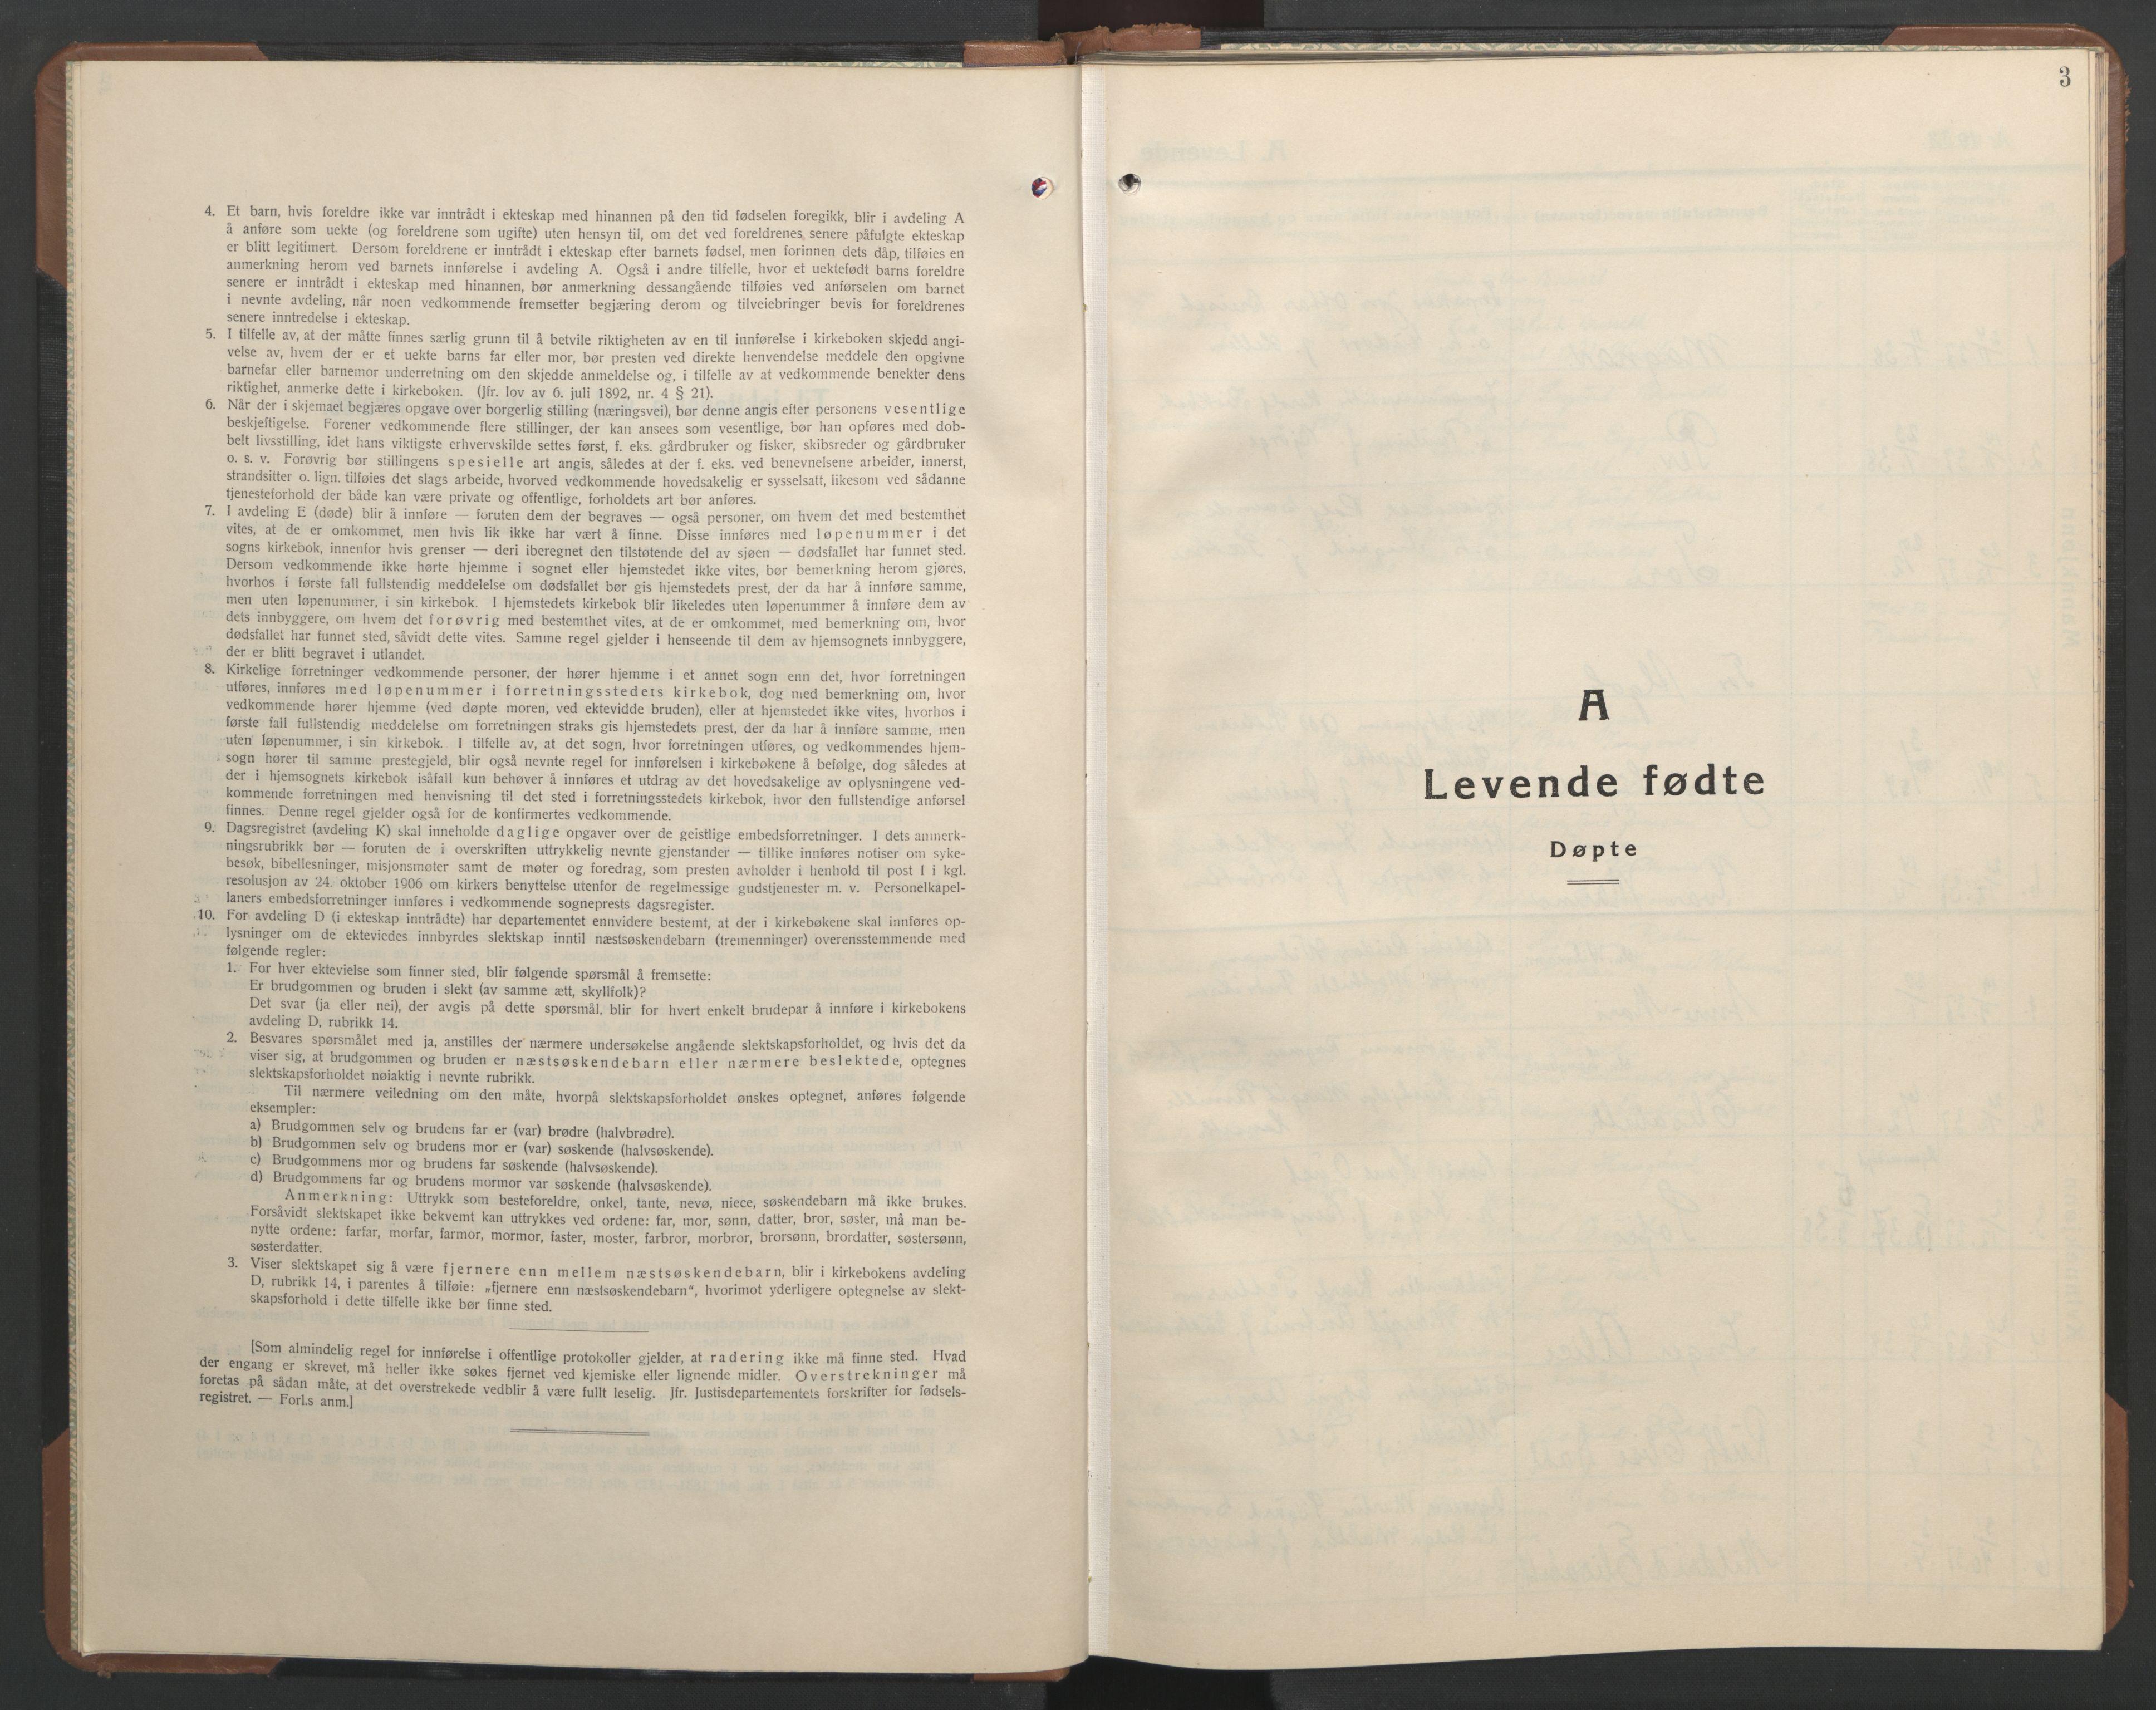 SAT, Ministerialprotokoller, klokkerbøker og fødselsregistre - Sør-Trøndelag, 606/L0315: Klokkerbok nr. 606C11, 1938-1947, s. 3